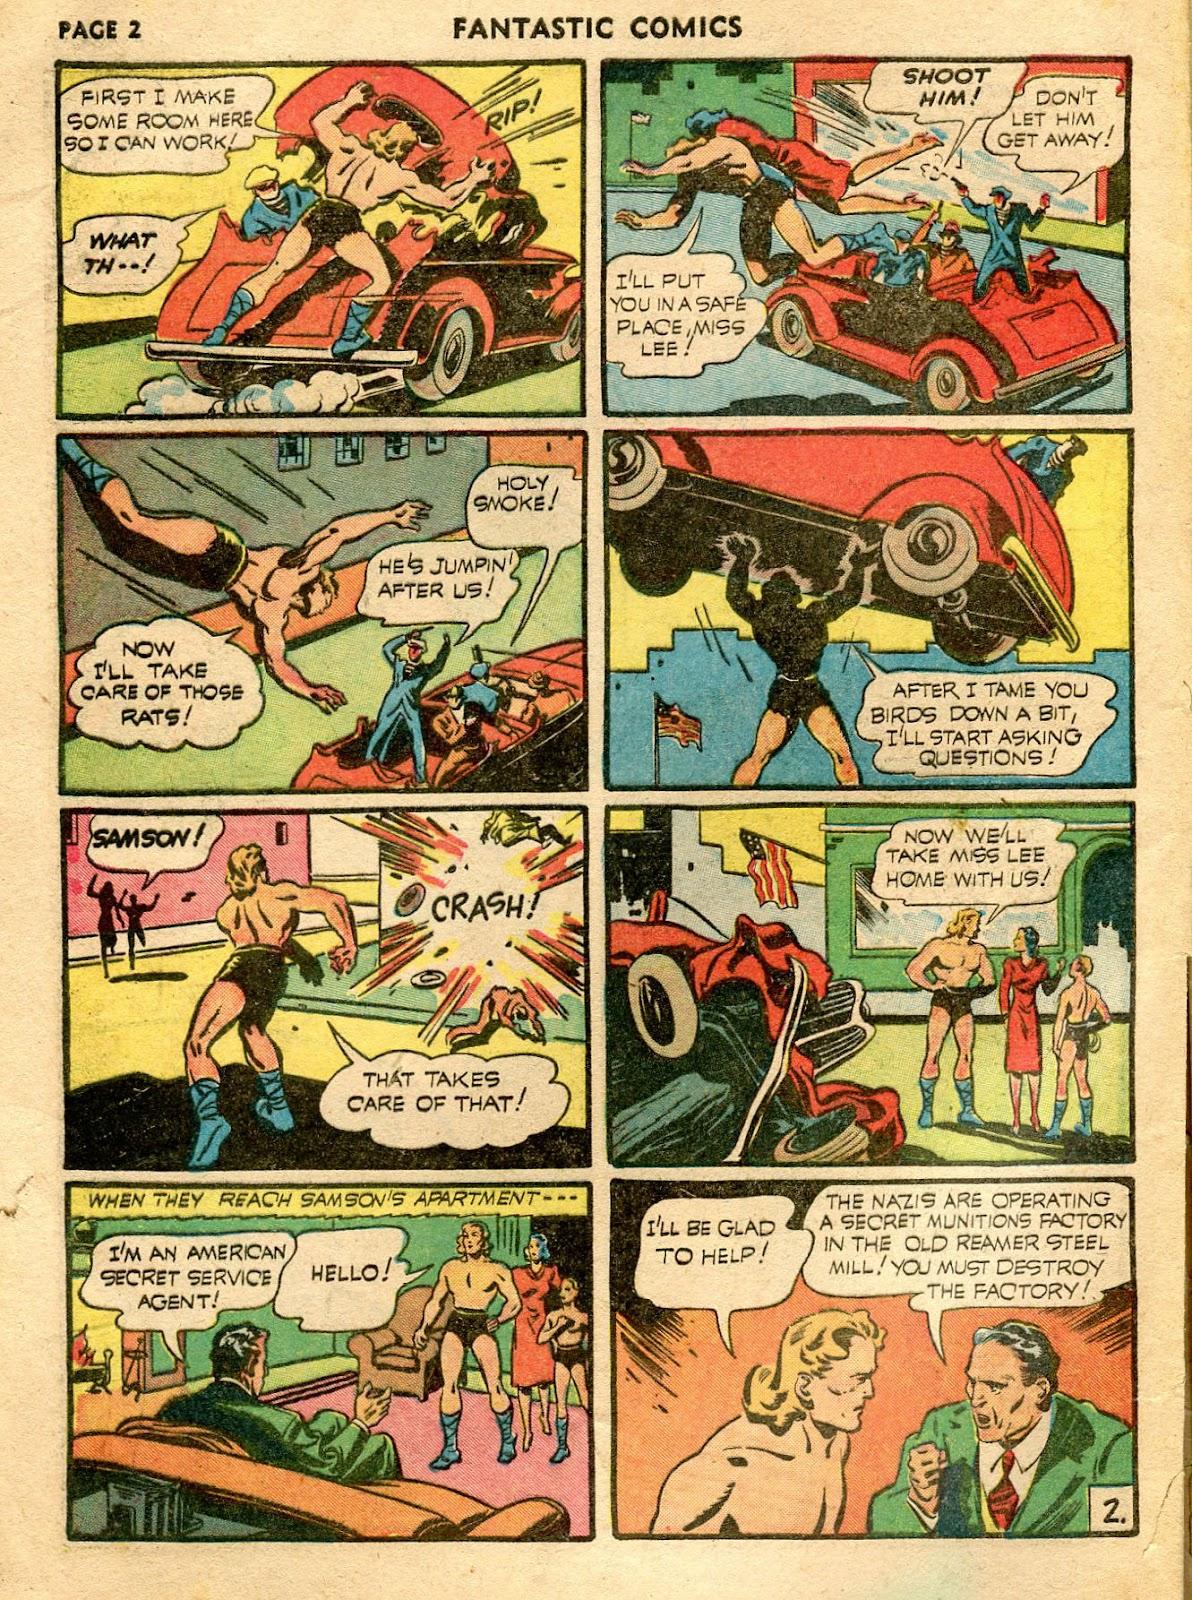 Read online Fantastic Comics comic -  Issue #21 - 4